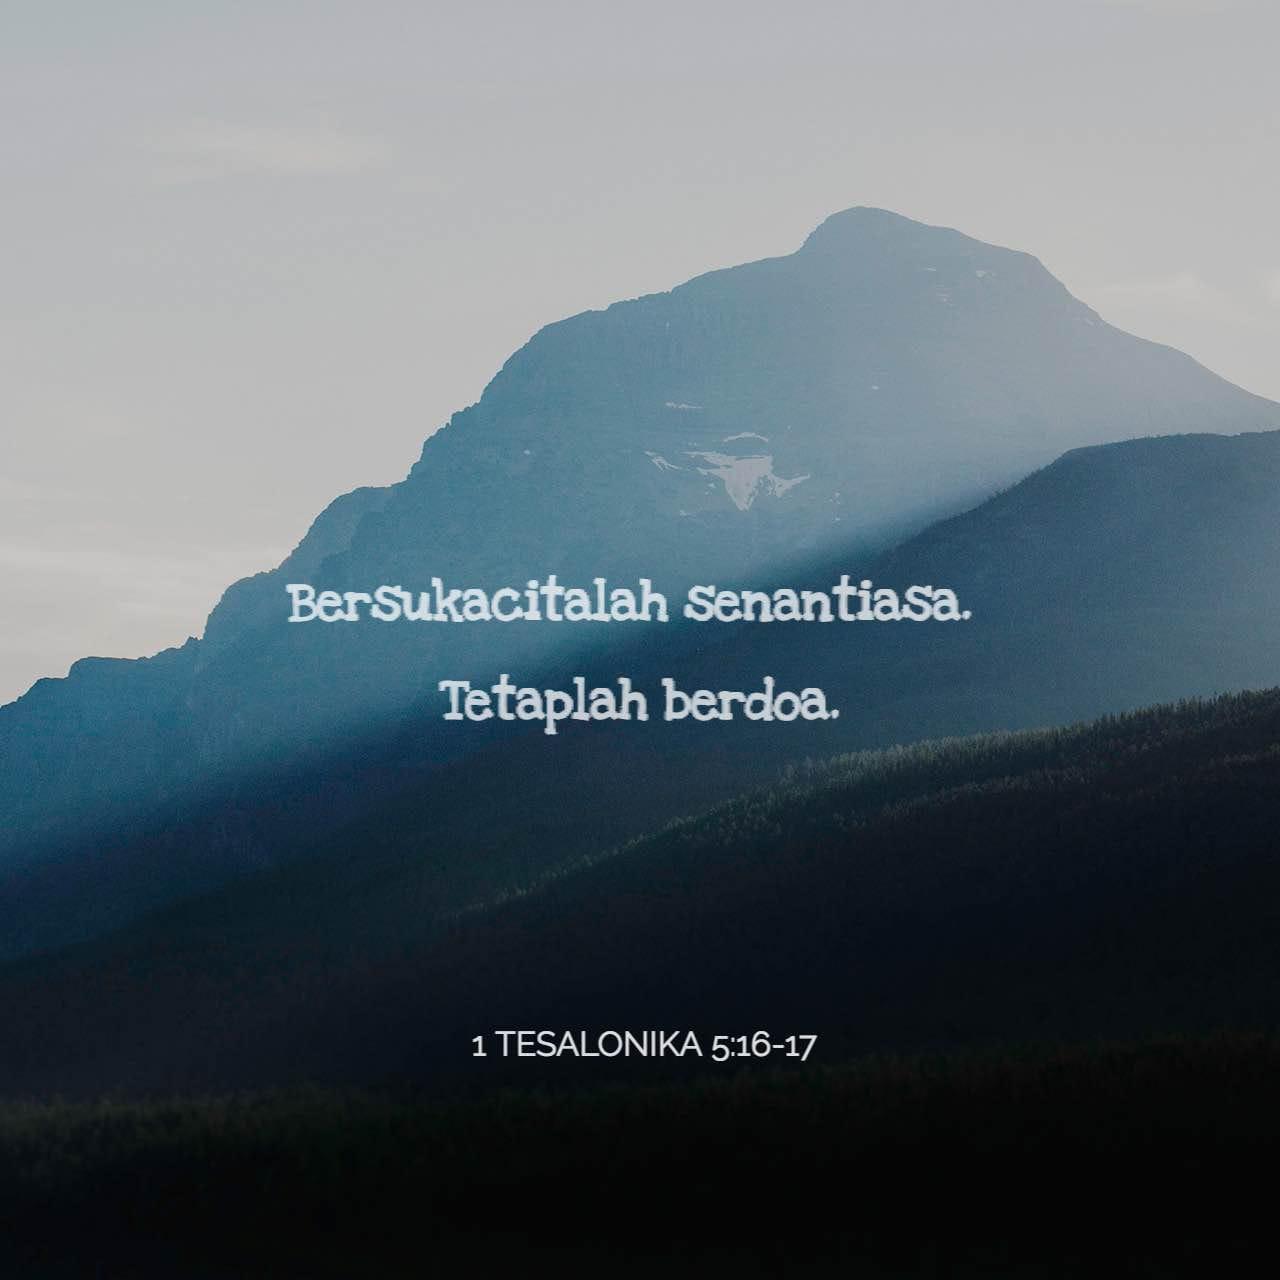 Gambar Ayat untuk 1 Tesalonika 5:17